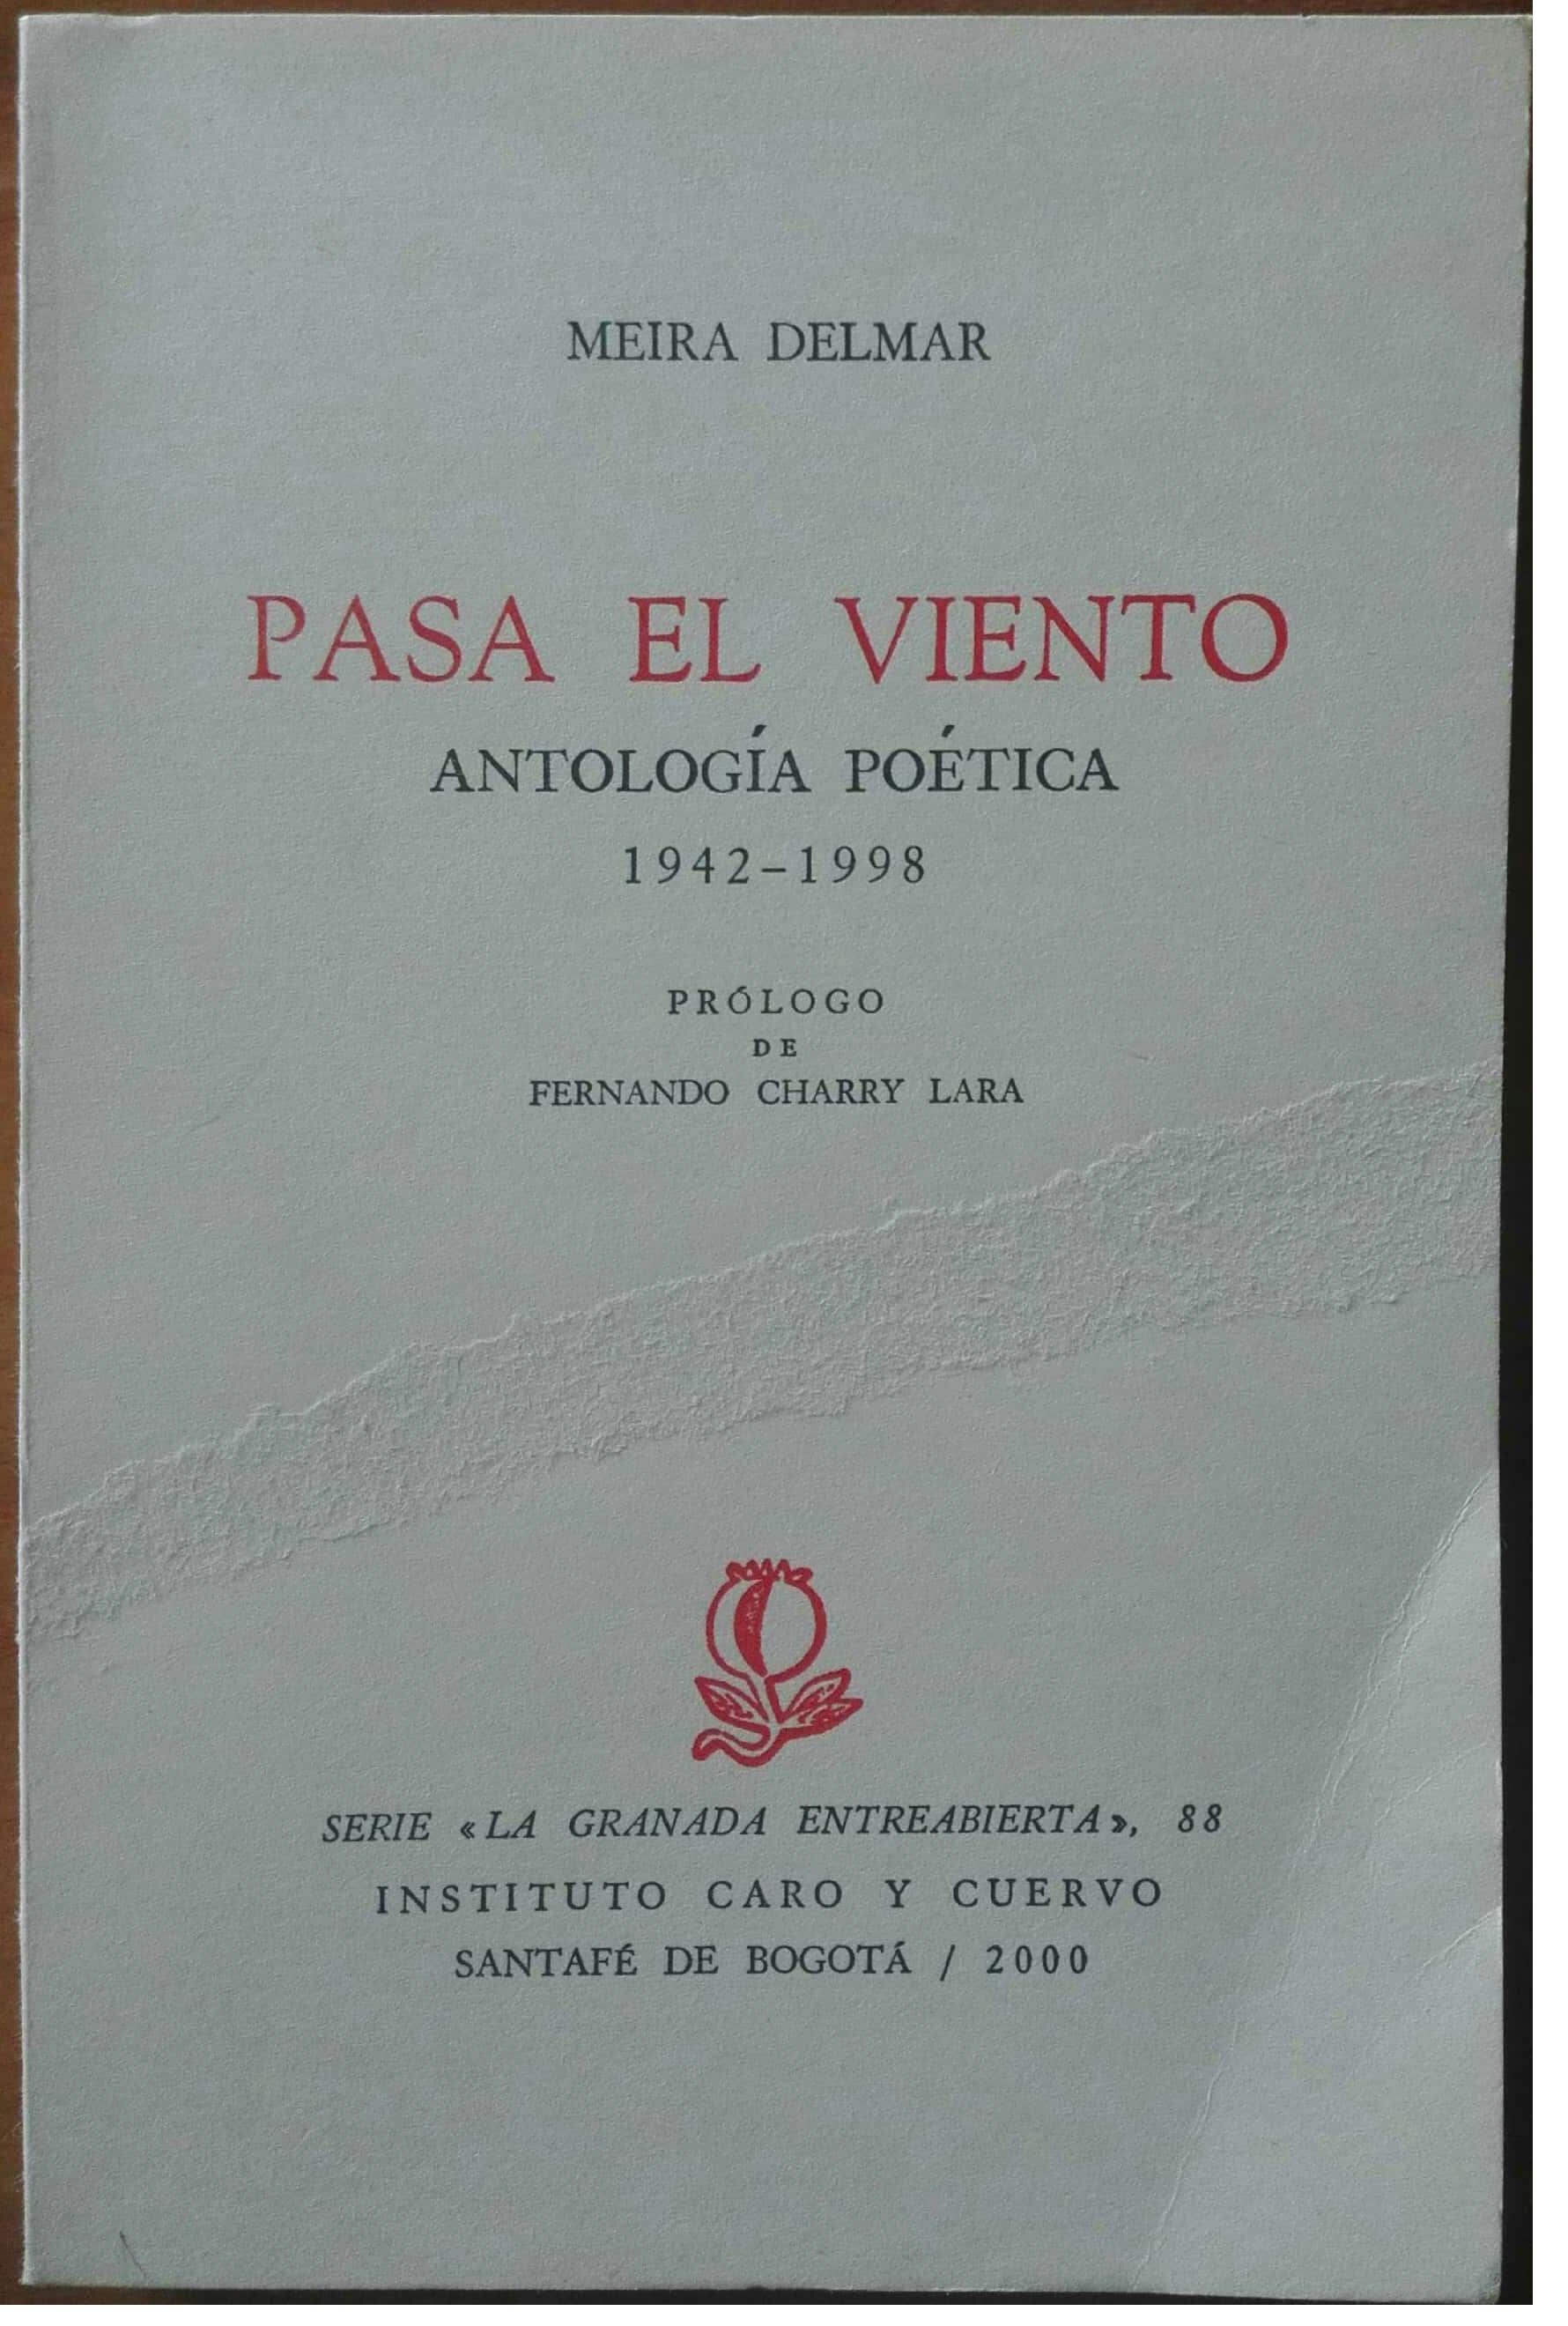 Pasa el viento. Antología poética 1942-1998